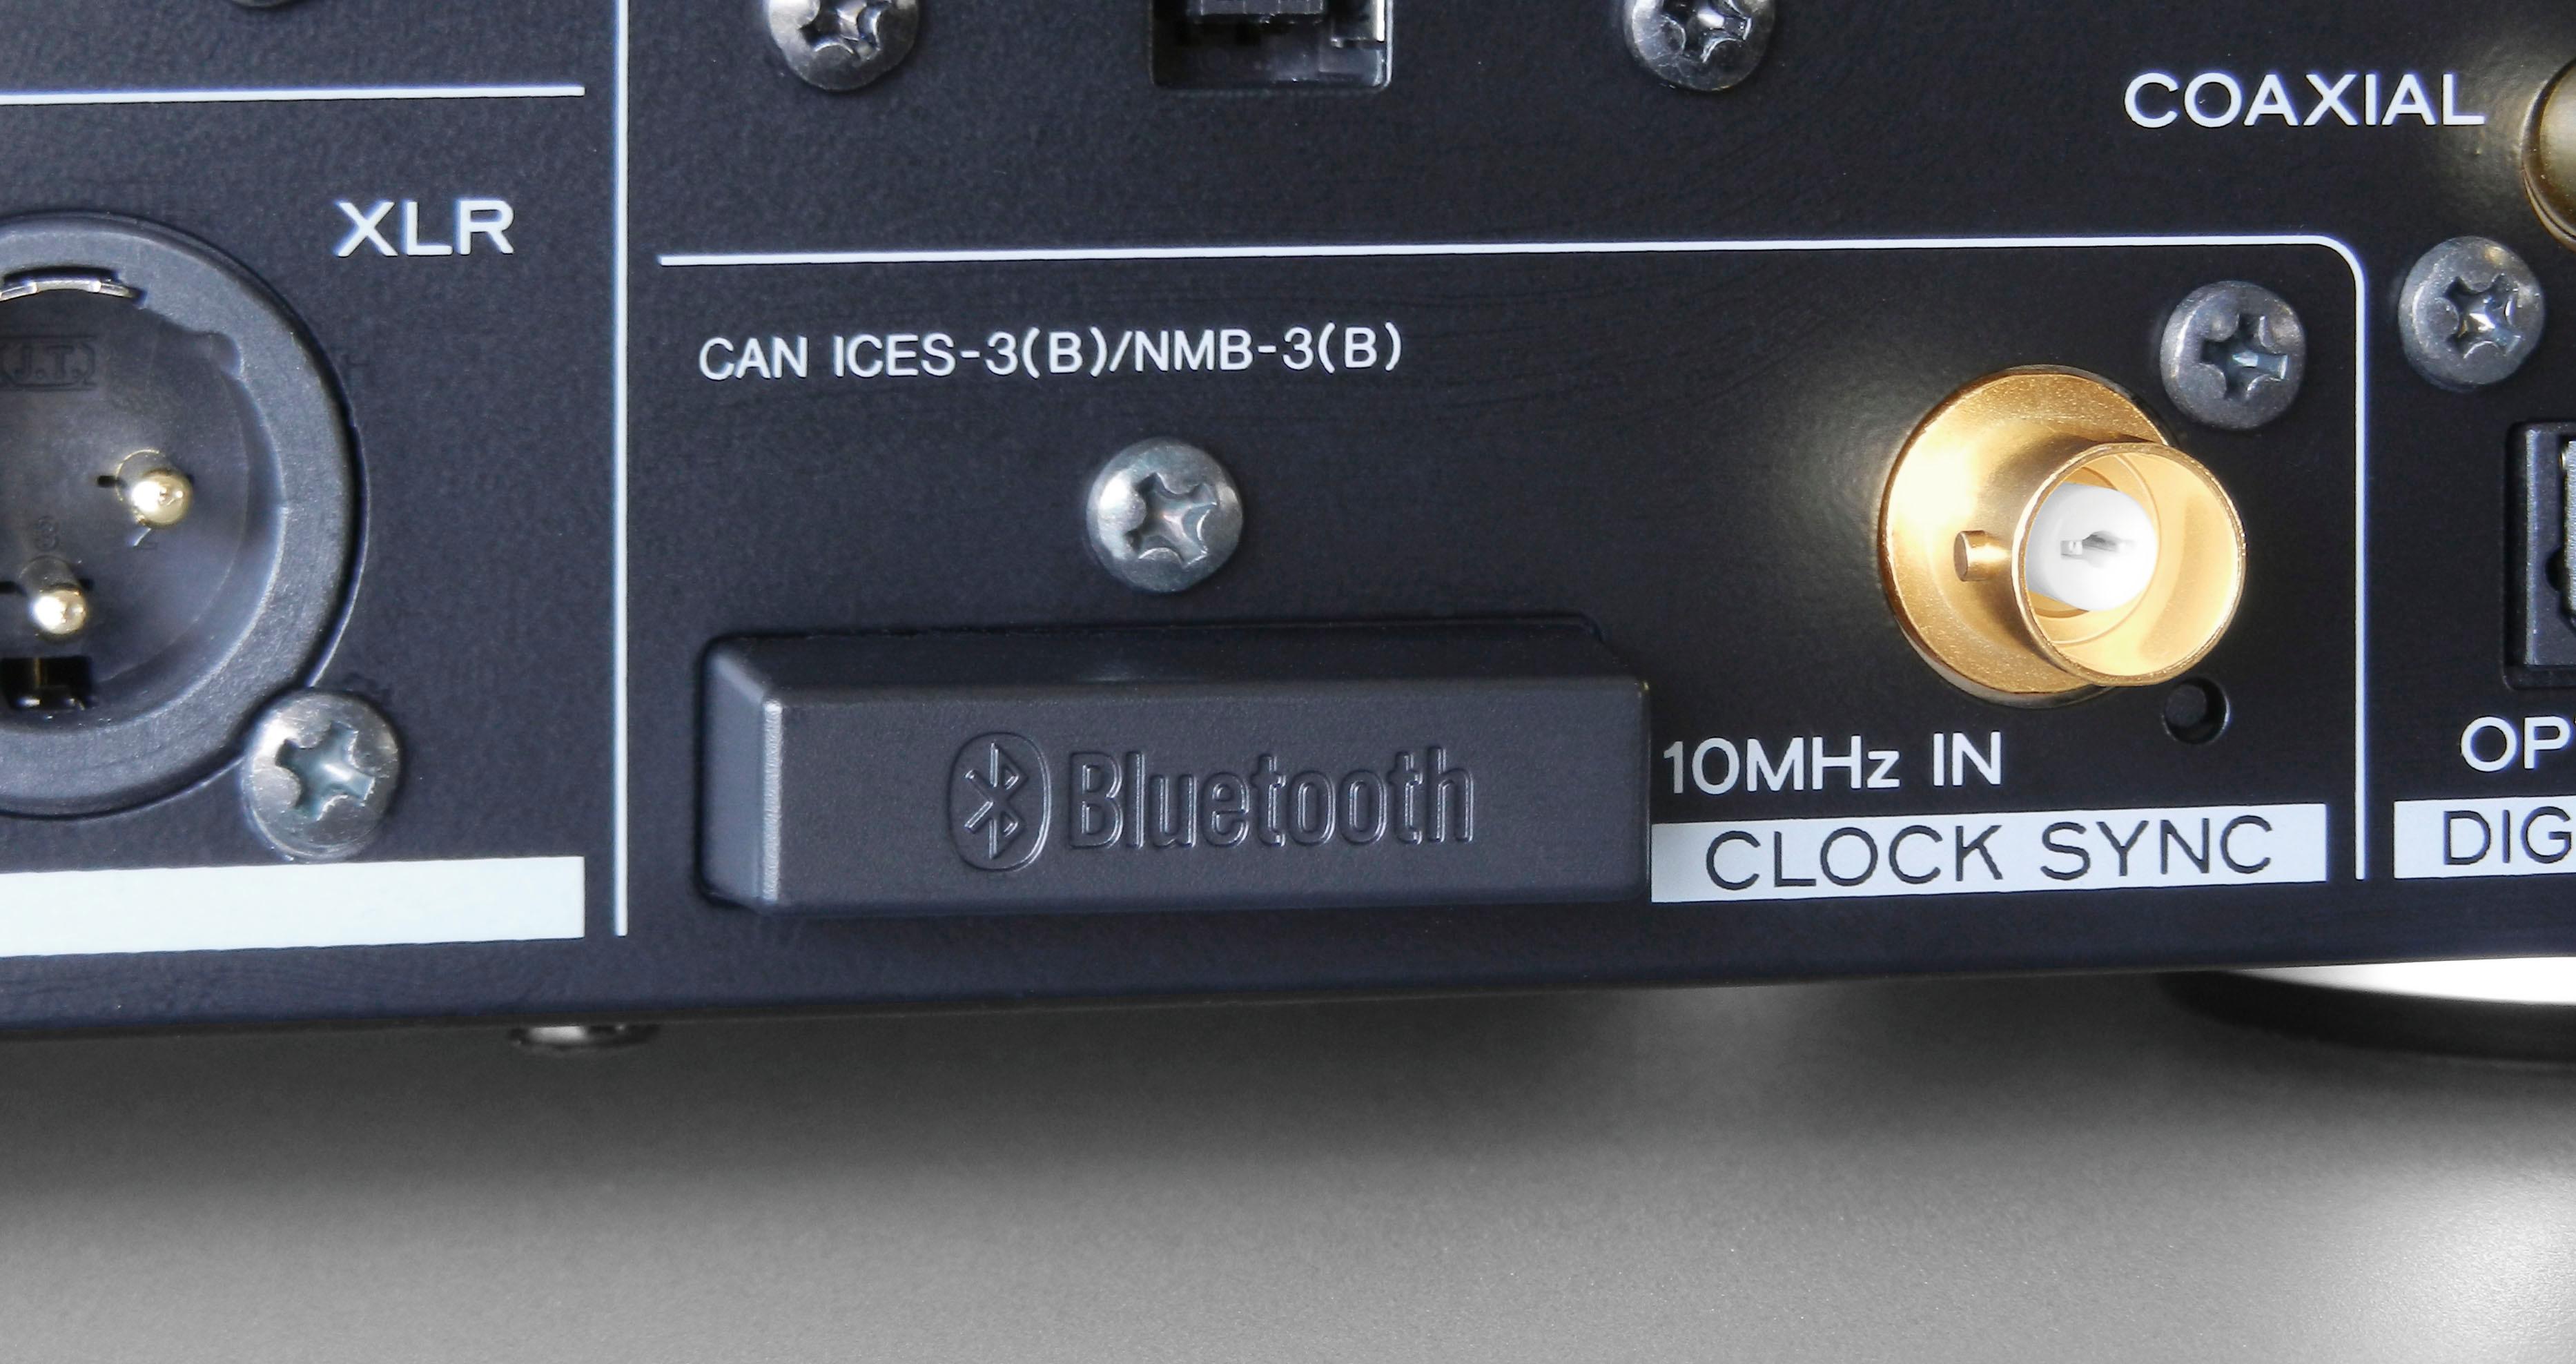 NT-503_Bluetooth_Clock_N9999x9999.png